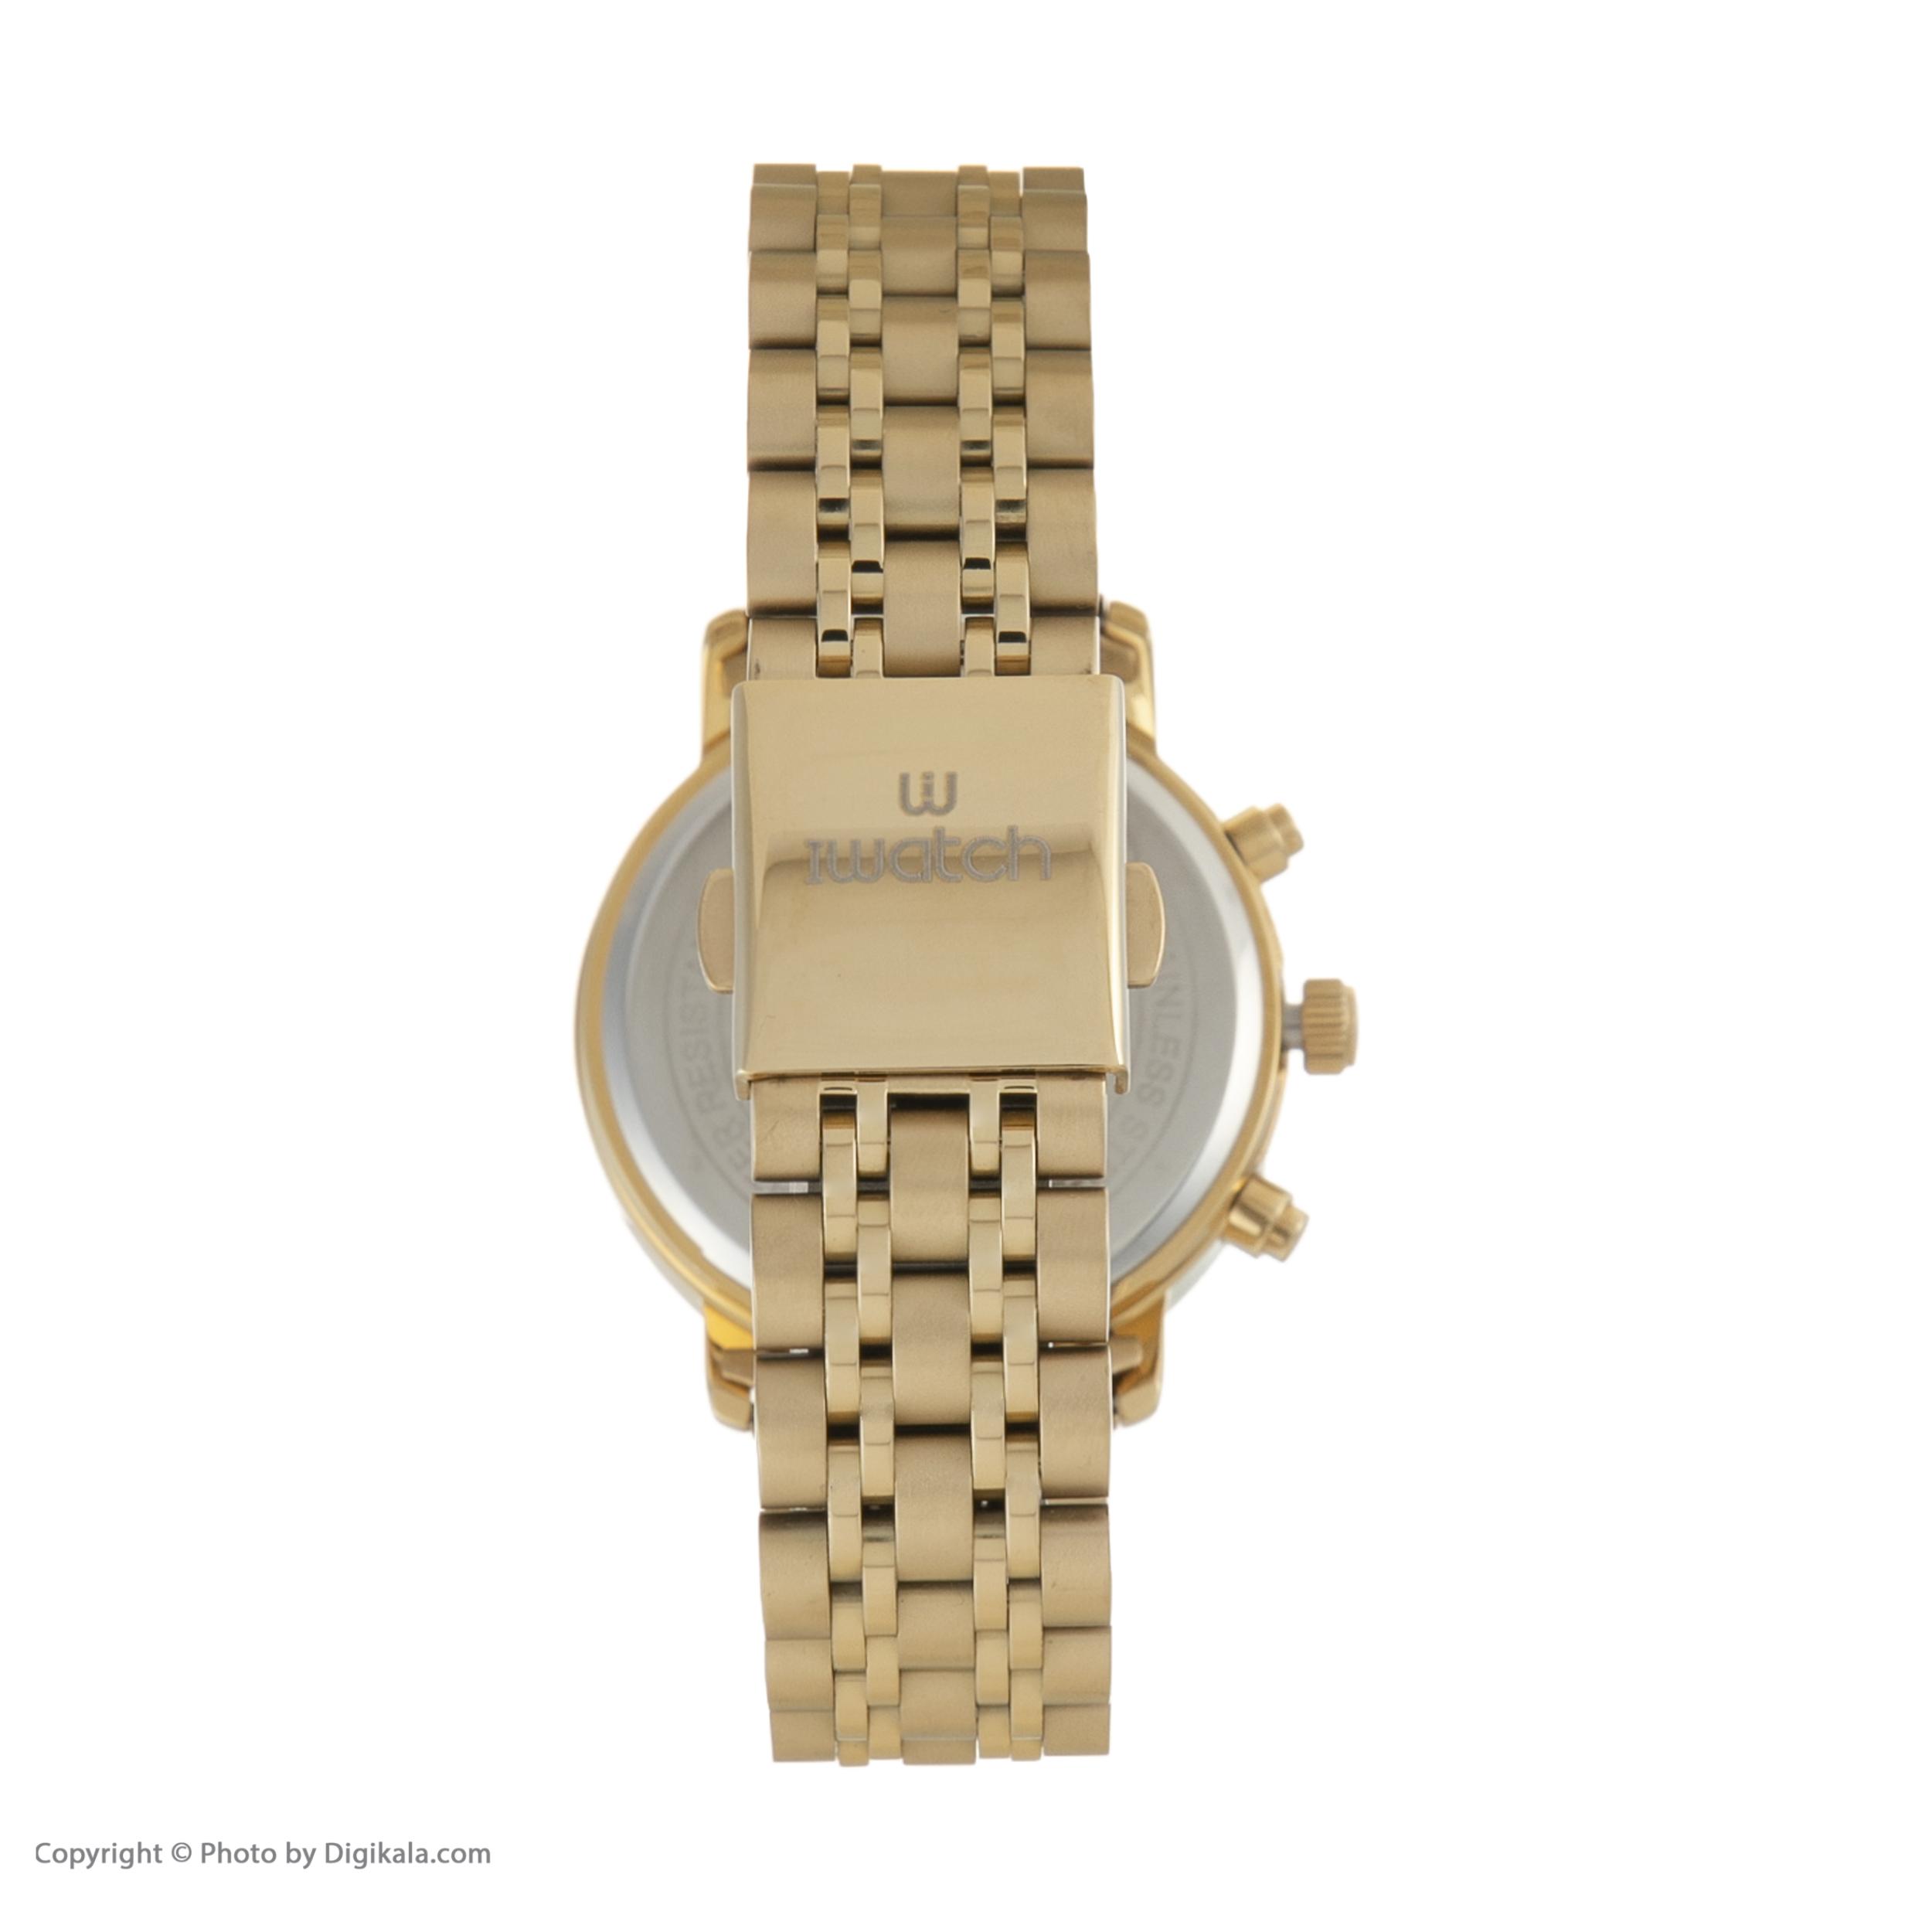 ست ساعت مچی عقربه ای زنانه و مردانه آی واتچ مدل IW190053